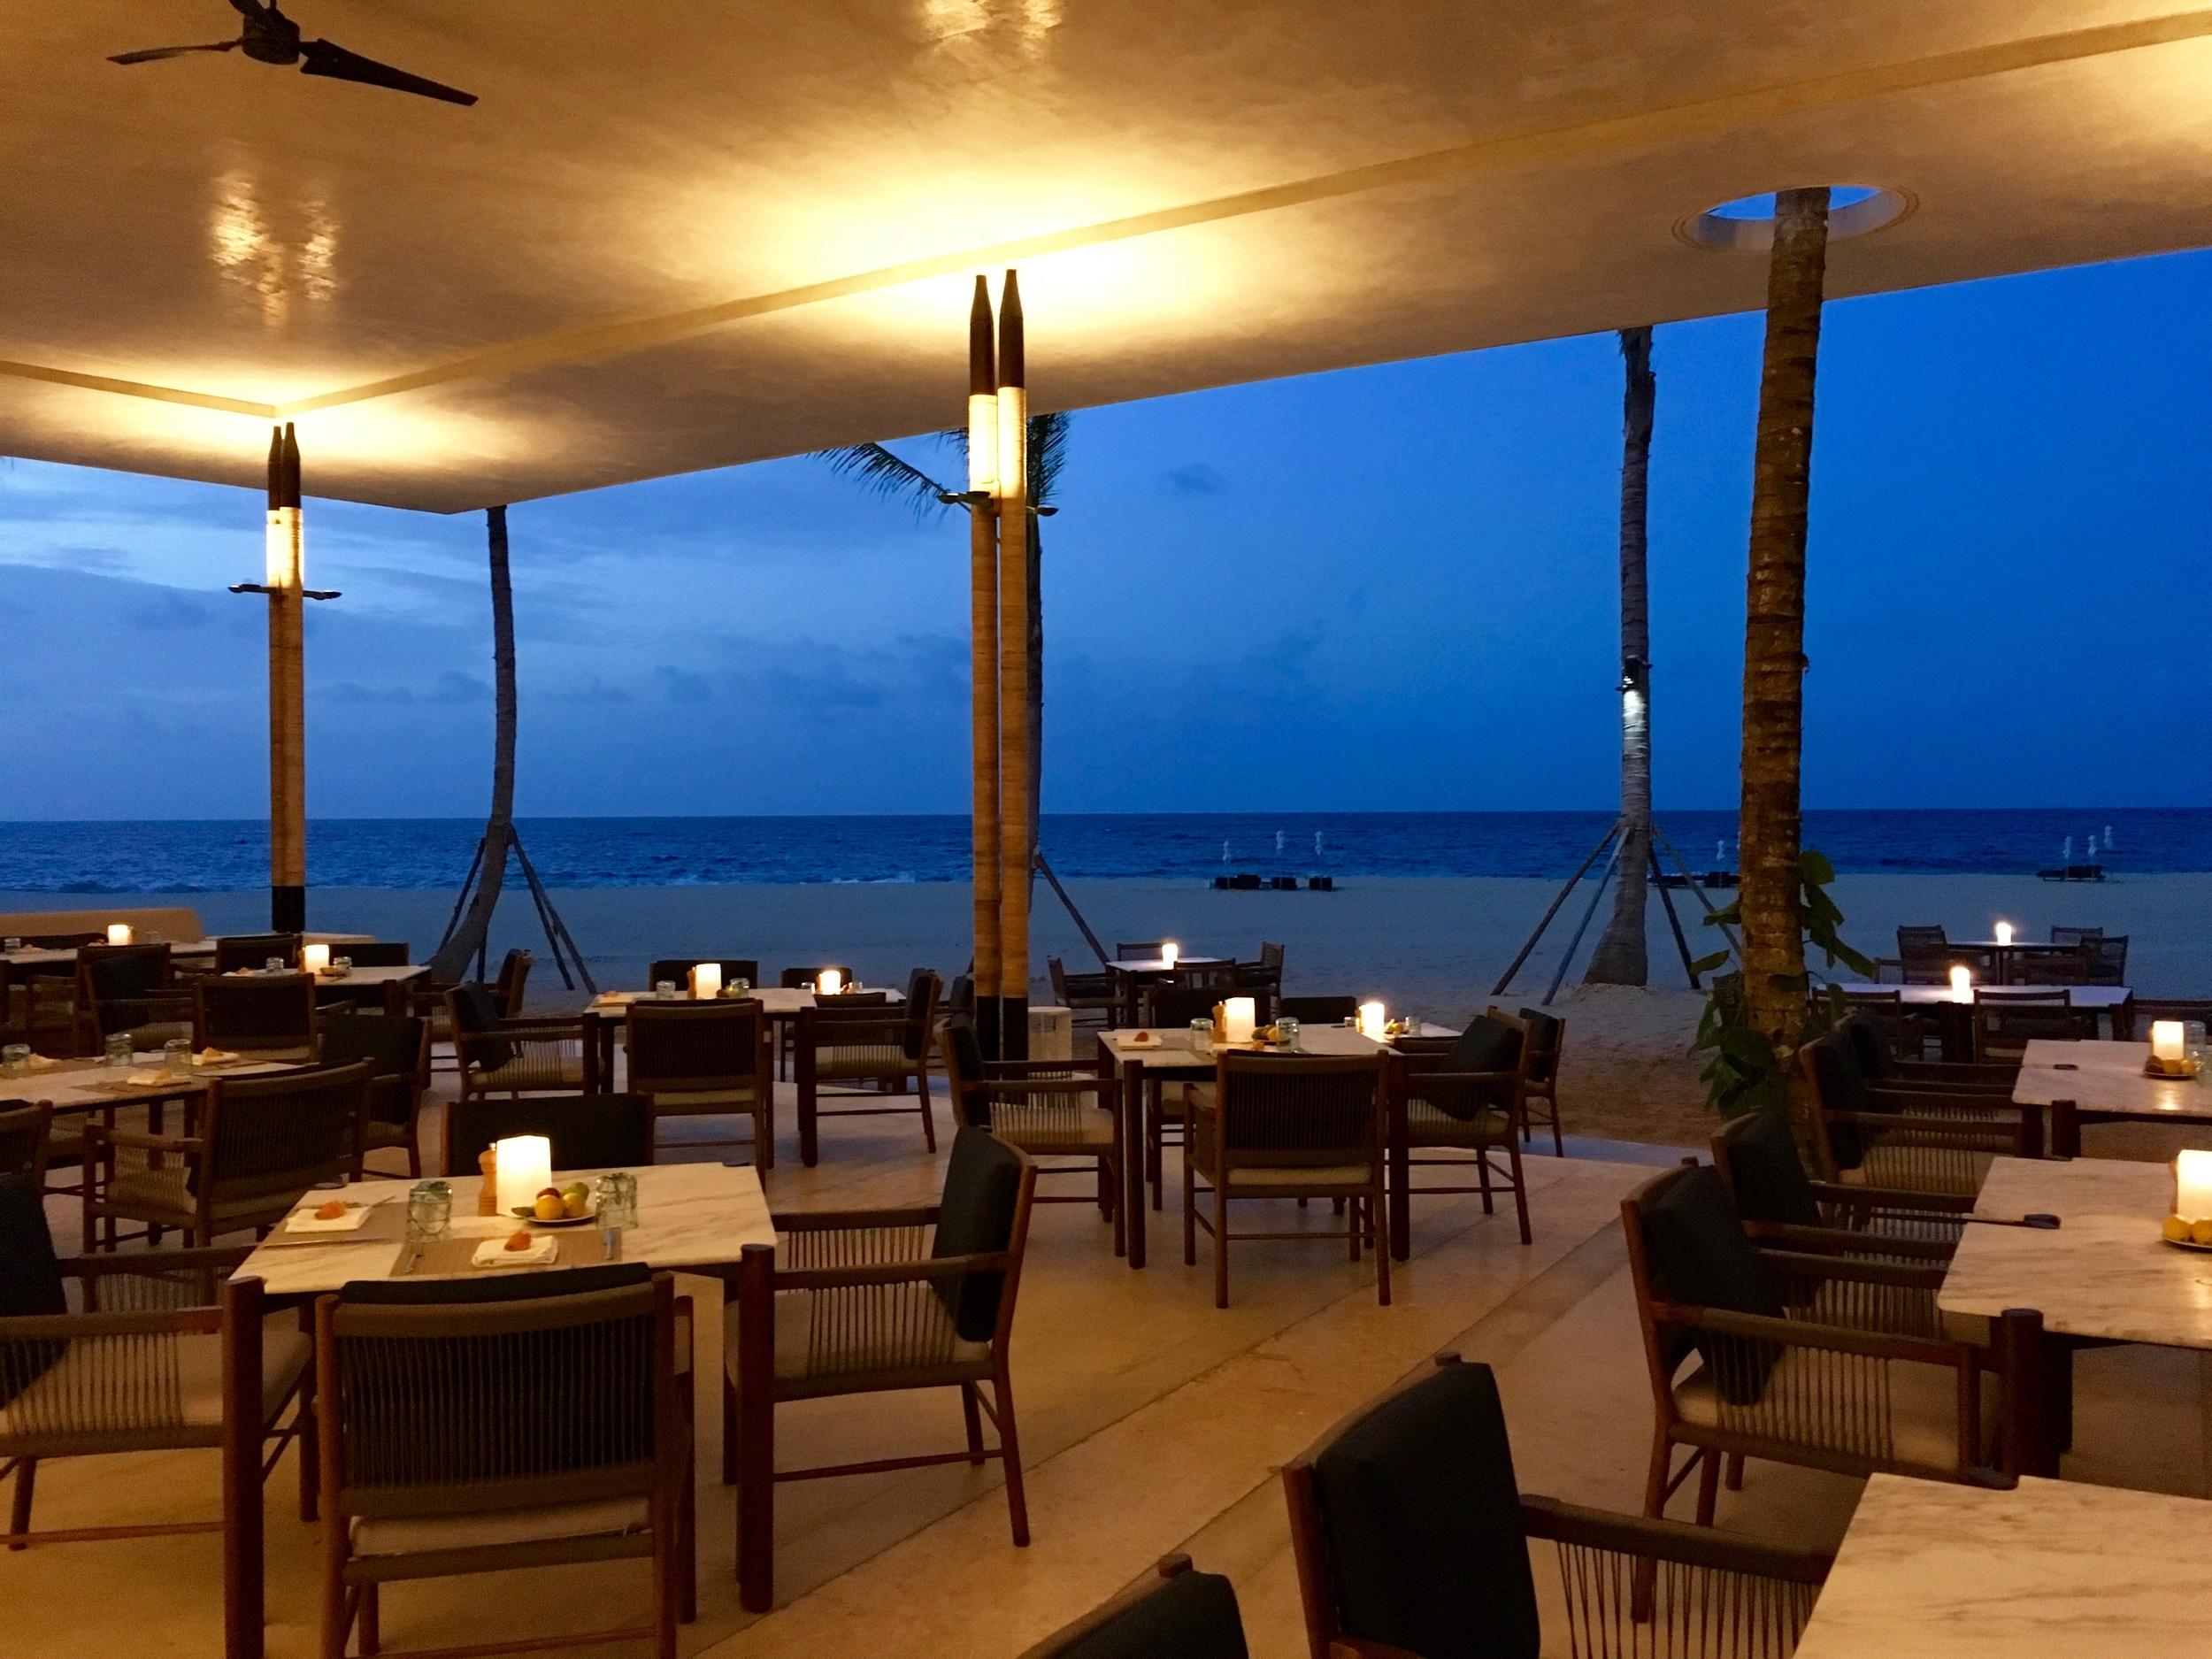 Dinner at the beach club.